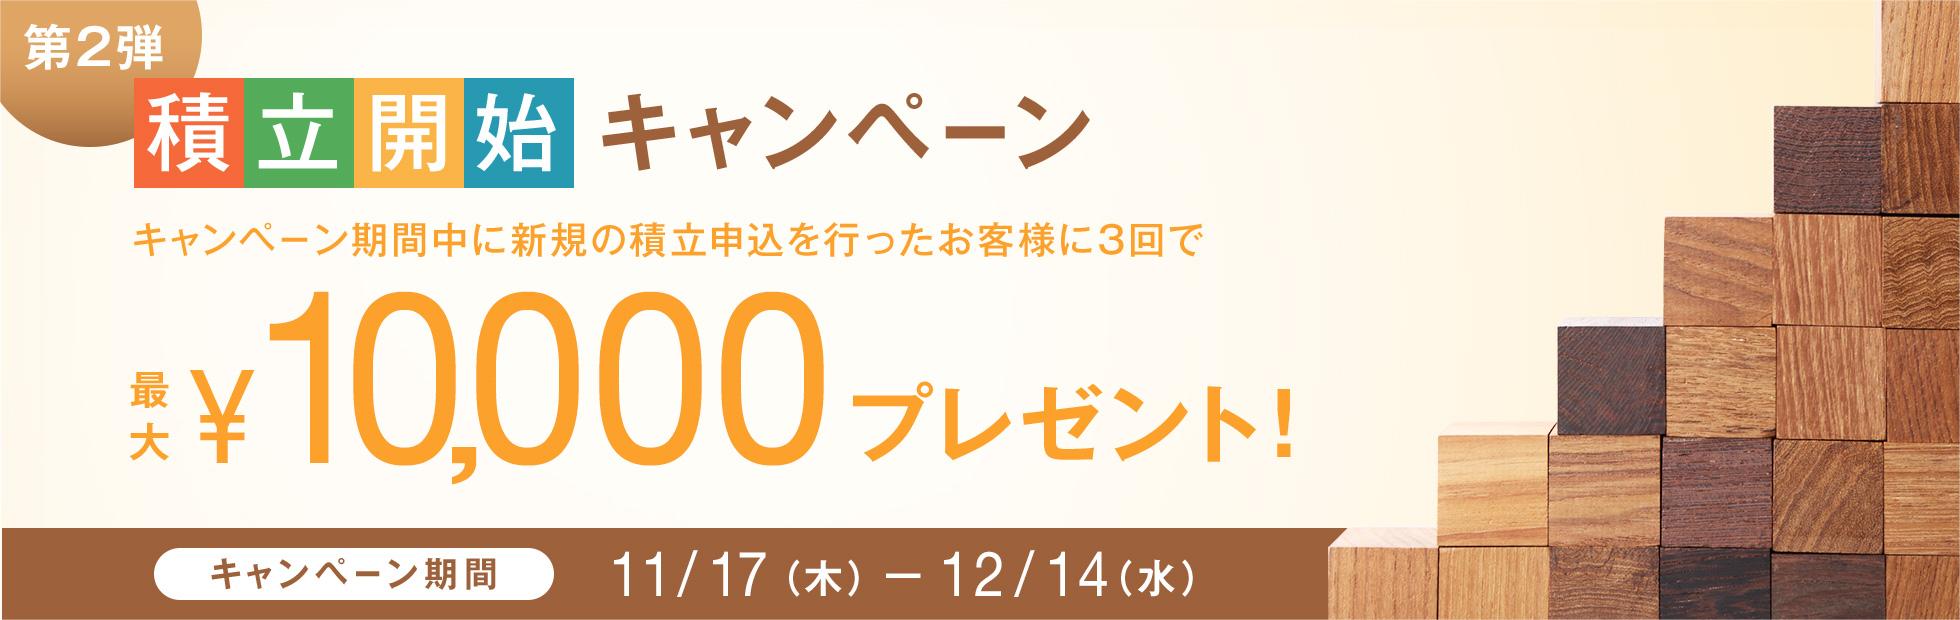 積立開始キャンペーン [第2弾]:キャンペーン期間中に新規の積立申込を行ったお客様に3回積立で最大10,000円プレゼント!2016年11月17日(木)から2016年12月14日(水)まで